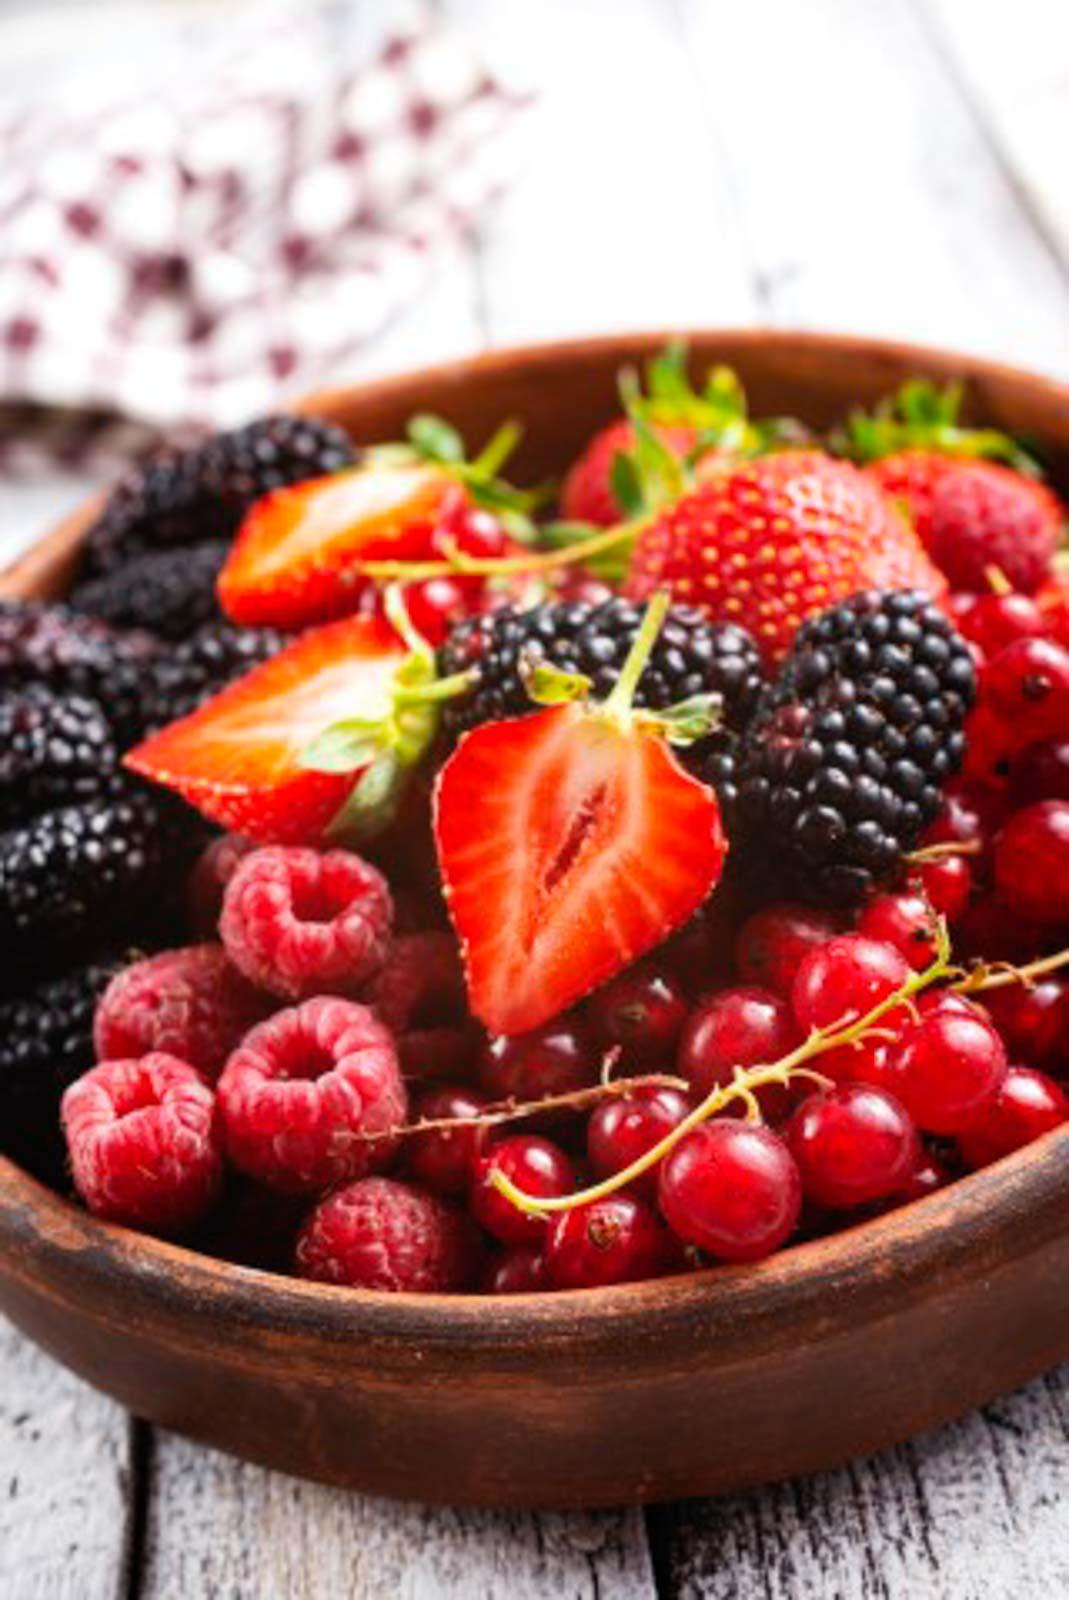 Erdbeeren, Brombeeren, Johannisbeeren und Himbeeren in einer Schüssel. Diese Beeren sind geeignet für die ketogene Diät.